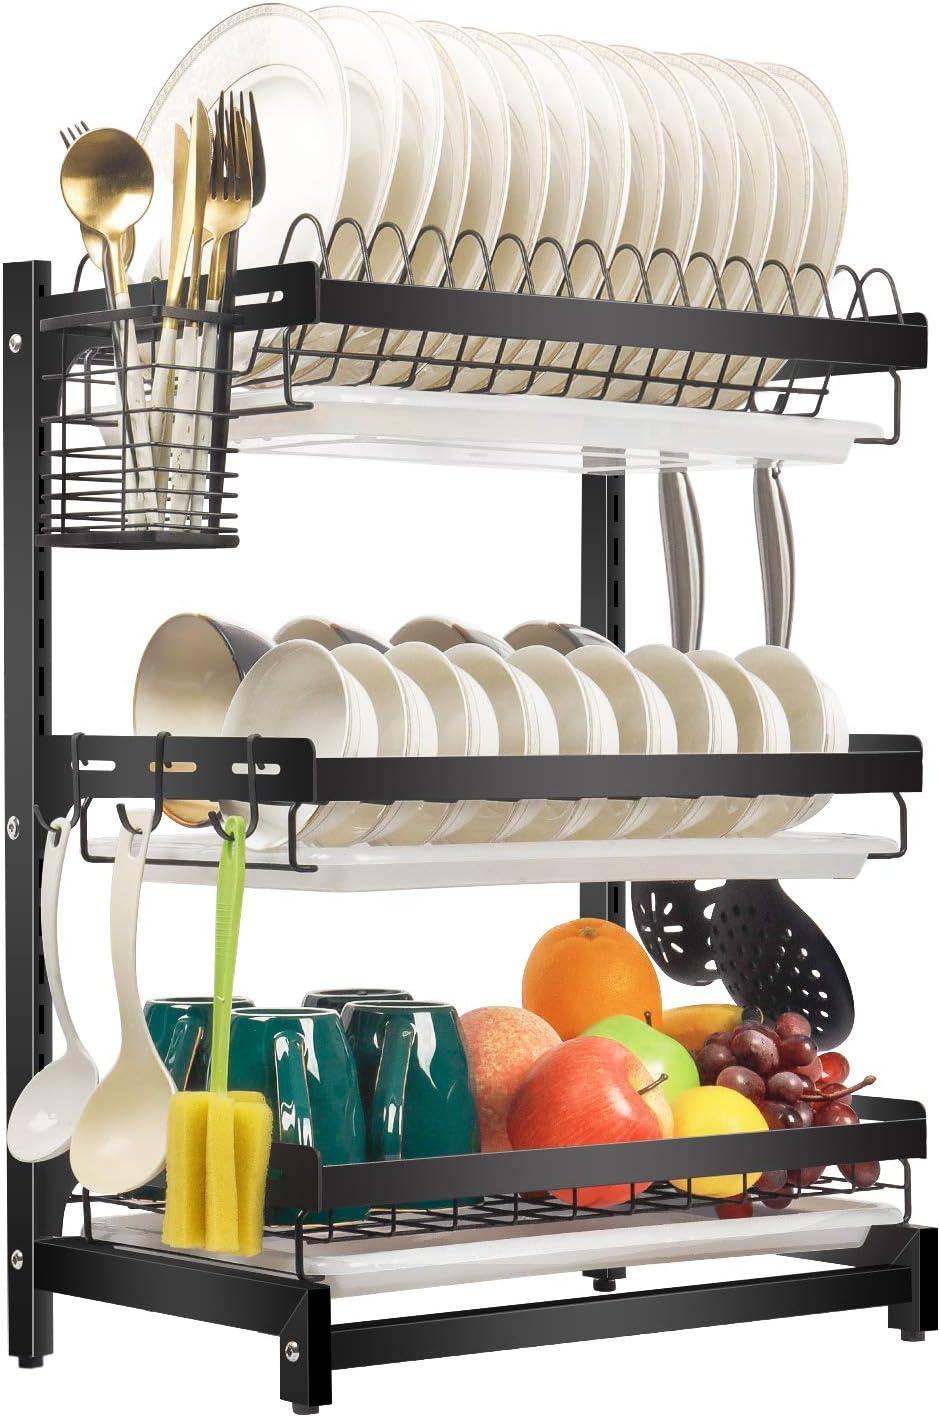 Escurridor de platos de X-cosrack, escurridor para la cocina, de acero inoxidable, superficie de goteo con platos y cuencos, extraíble, 3 niveles, color negro